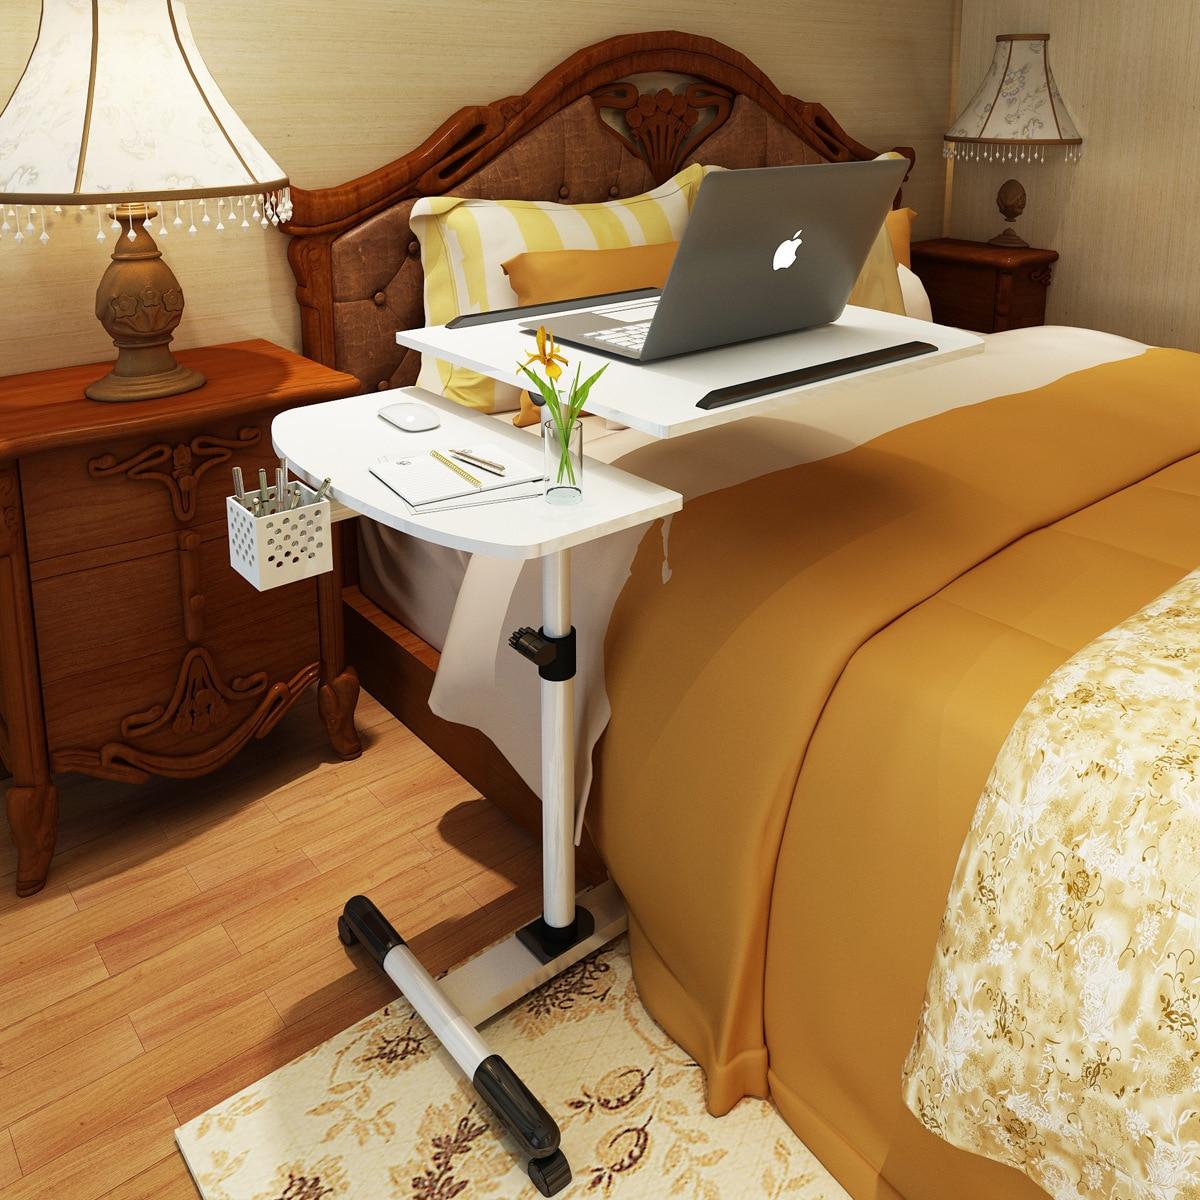 Lk385 складной высота и регулируемый угол ноутбук стол с Универсальный Колёса поворотный суб-доска Дизайн ноутбука стол с клавиатуры